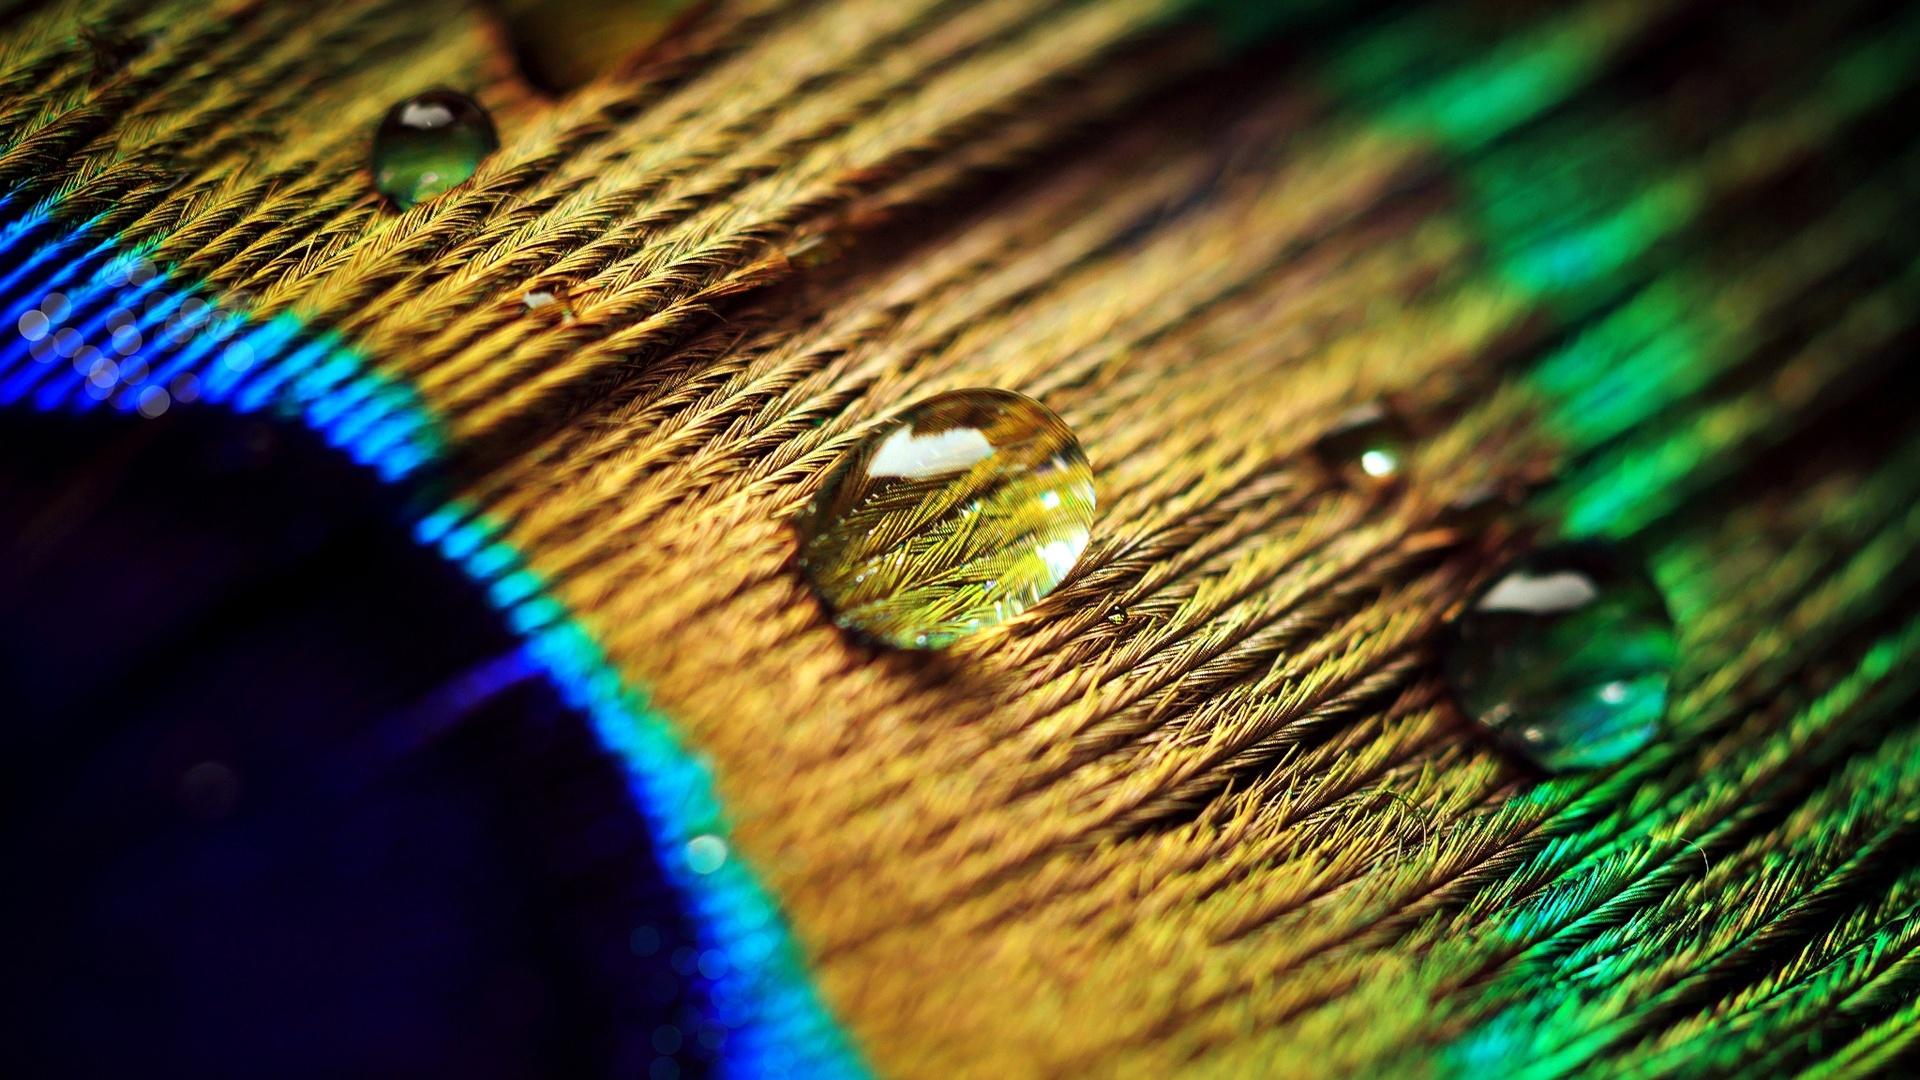 壁紙 孔雀の羽、水滴、マクロ撮影 1920x1200 HD 無料のデスクトップの背景, 画像